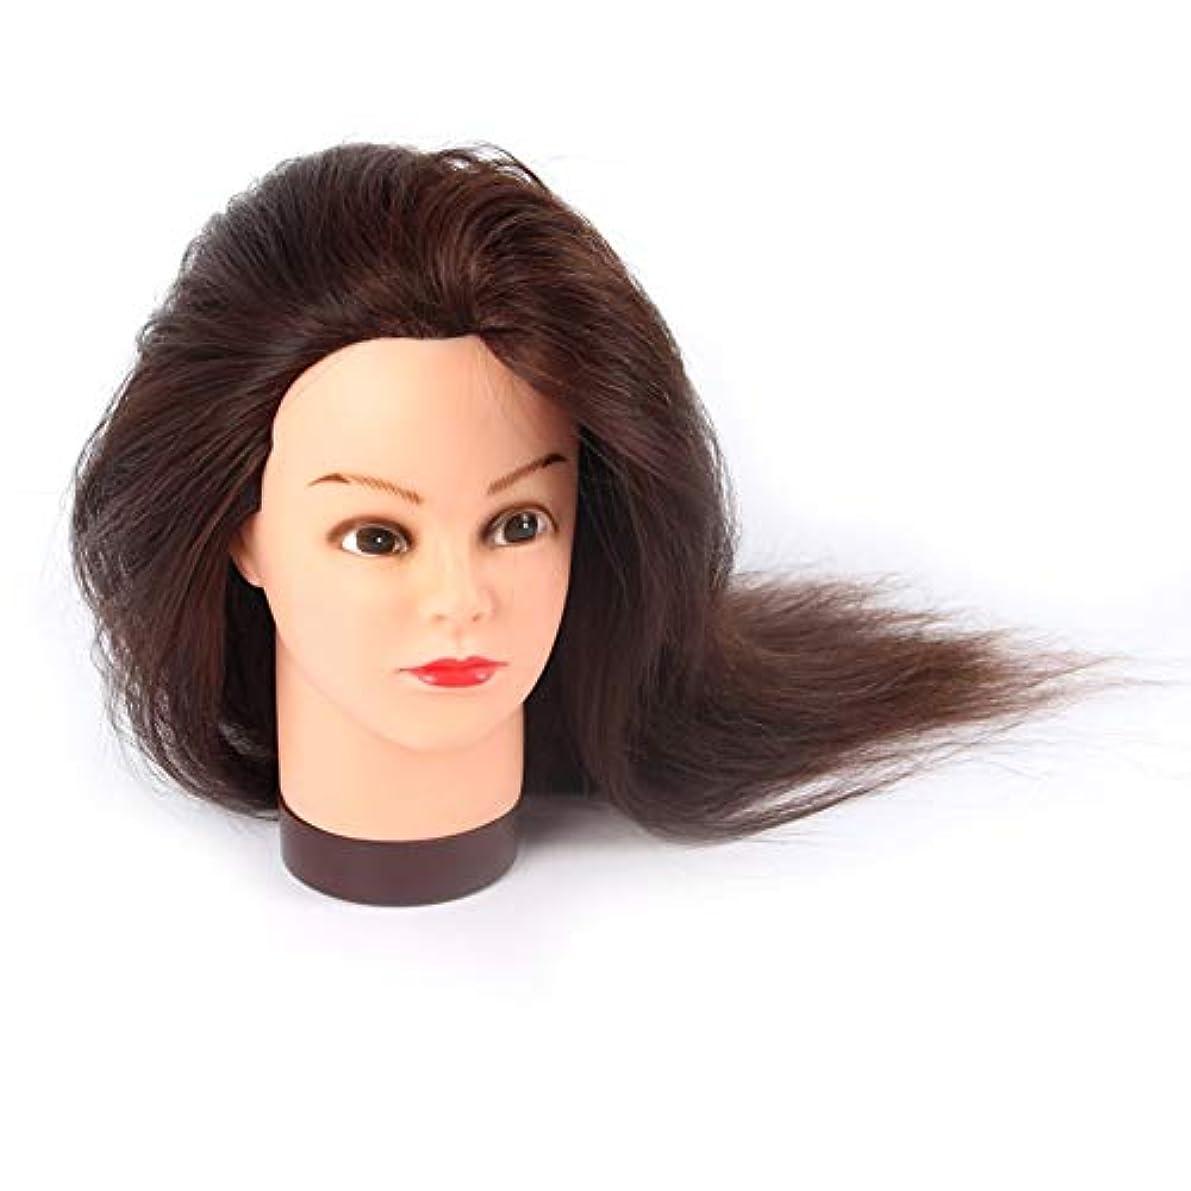 懐疑的売るイブリアルヘア熱いロール指導ヘッド理髪店学習パーマ髪染めダミーヘッド花嫁メイクモデリングマネキンヘッド